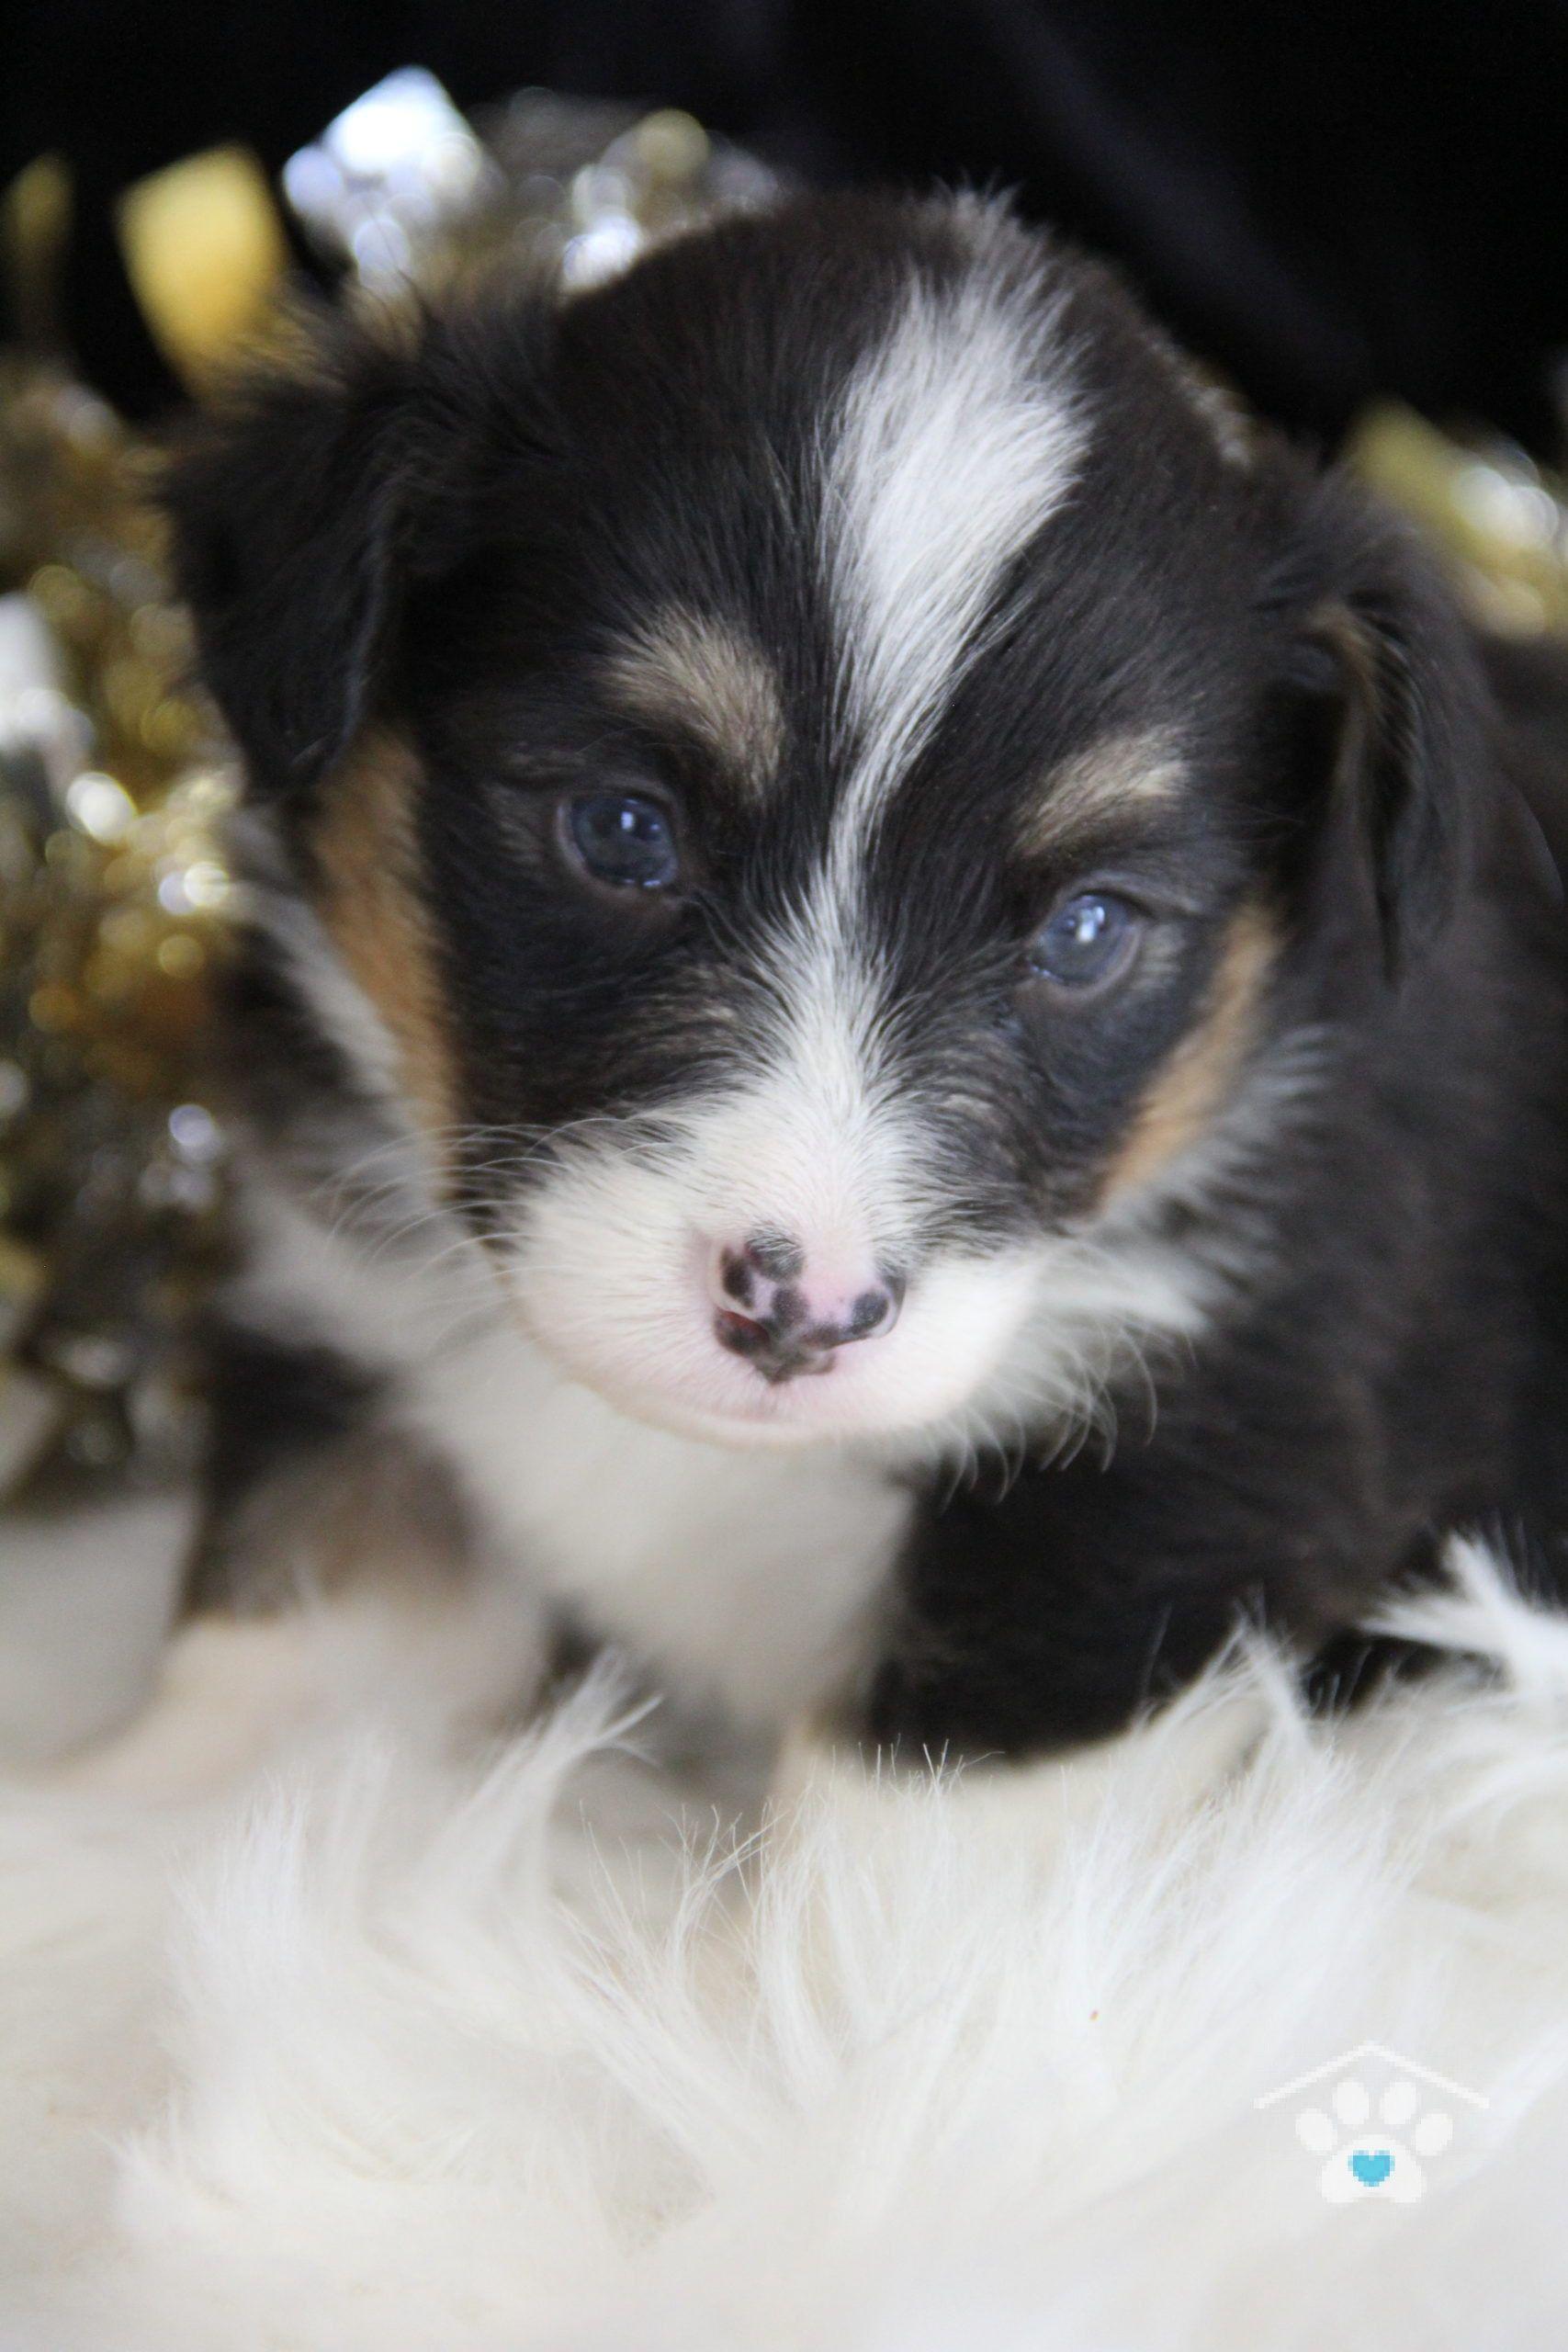 A2249b47 E1d3 4d98 955f 5c7618ce7068 In 2020 Pembroke Welsh Corgi Puppies Corgi Puppies For Sale Corgi